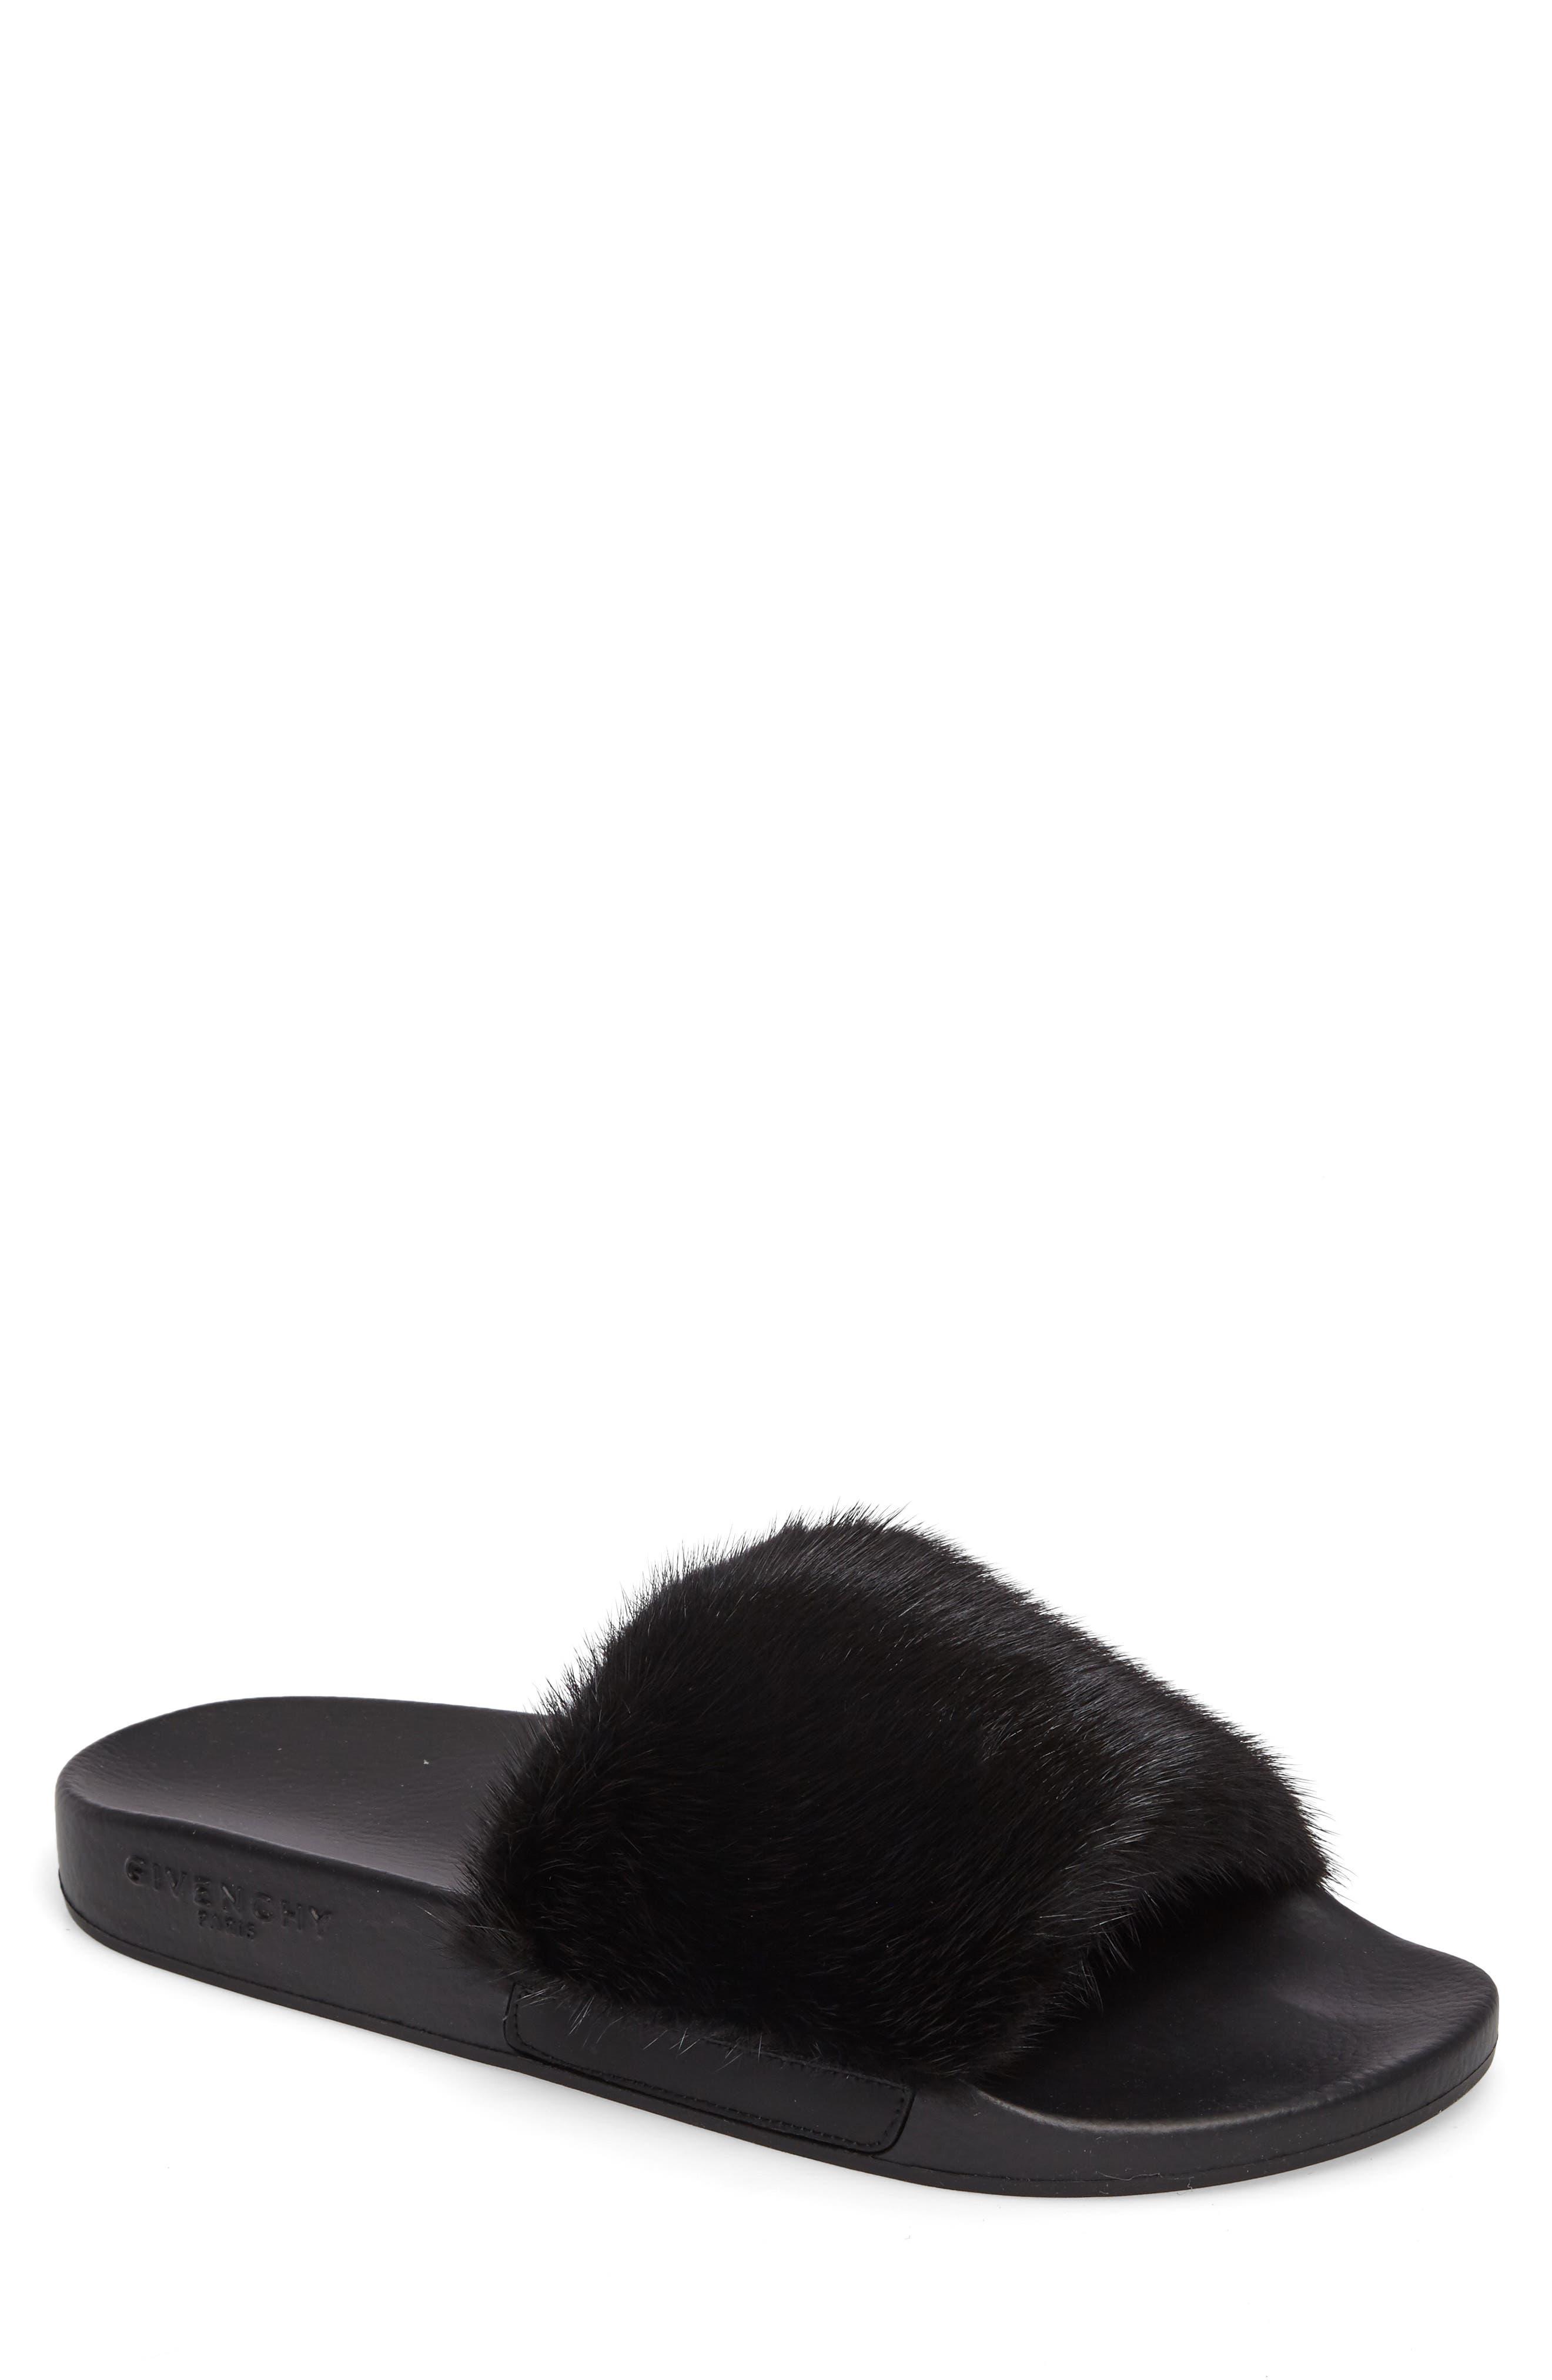 Genuine Mink Fur Slide Sandal,                         Main,                         color, Black